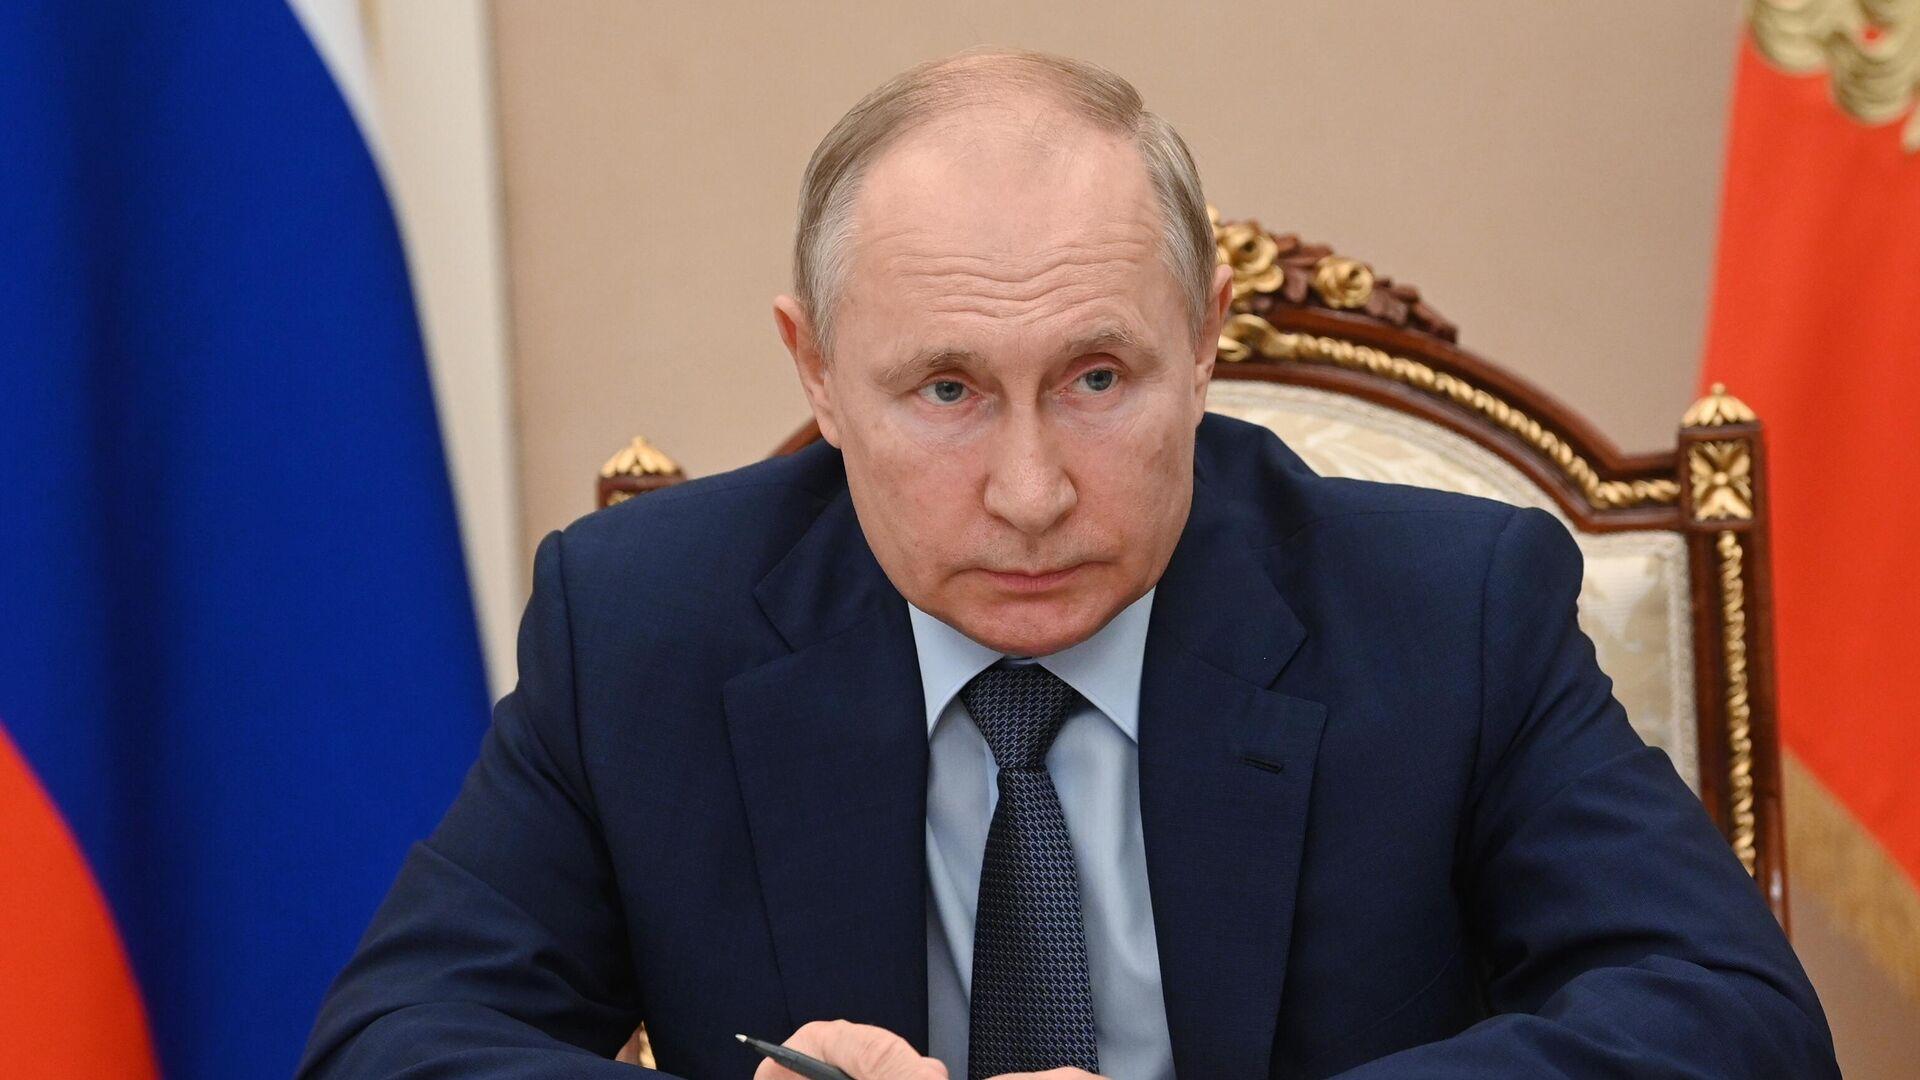 Президент РФ Владимир Путин в режиме видеоконференции проводит заседание Совета по стратегическому развитию и национальным проектам - РИА Новости, 1920, 21.07.2021